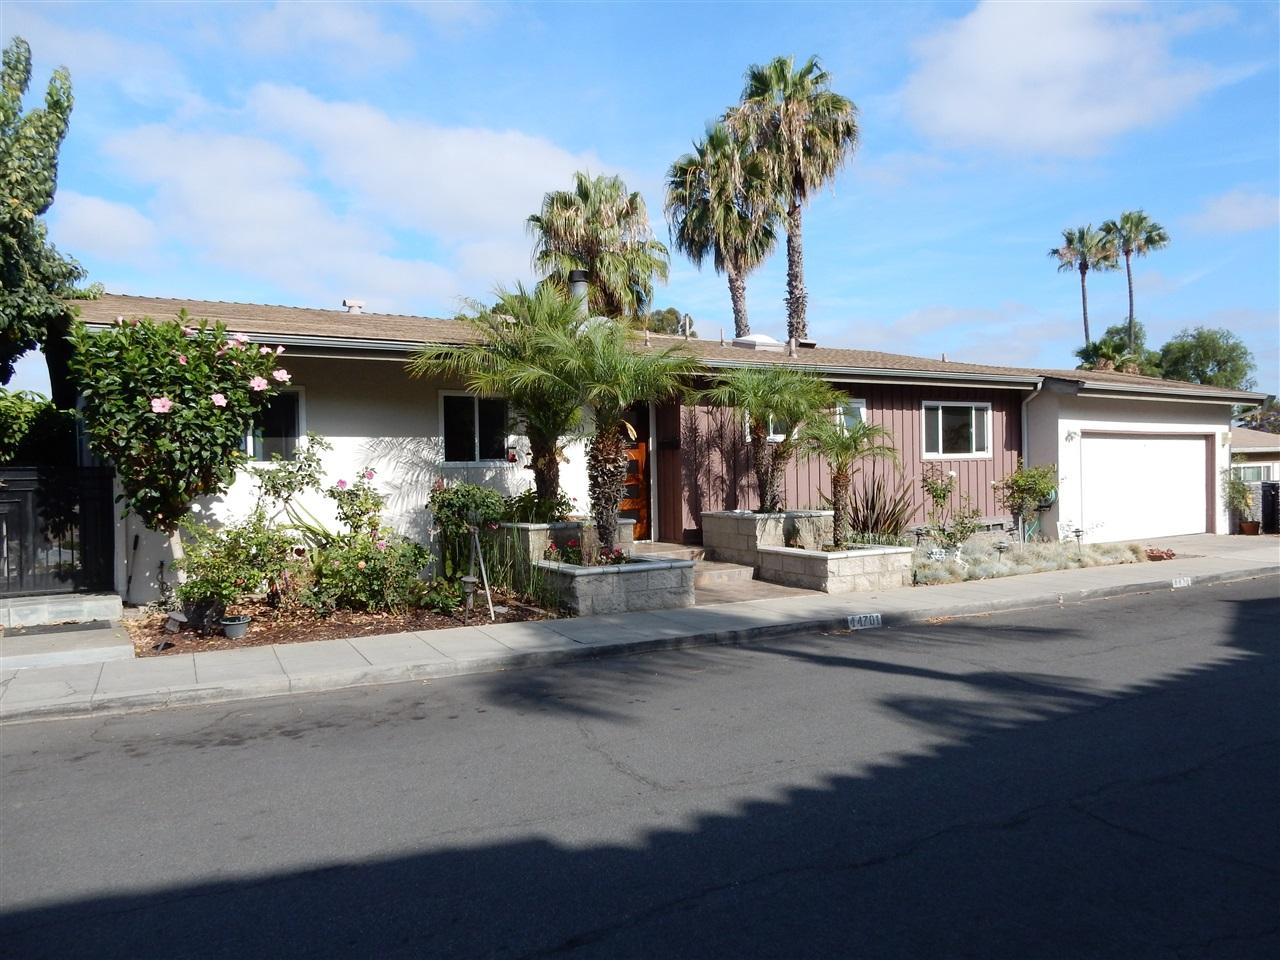 4470 Sheldon Dr, La Mesa, CA 91941